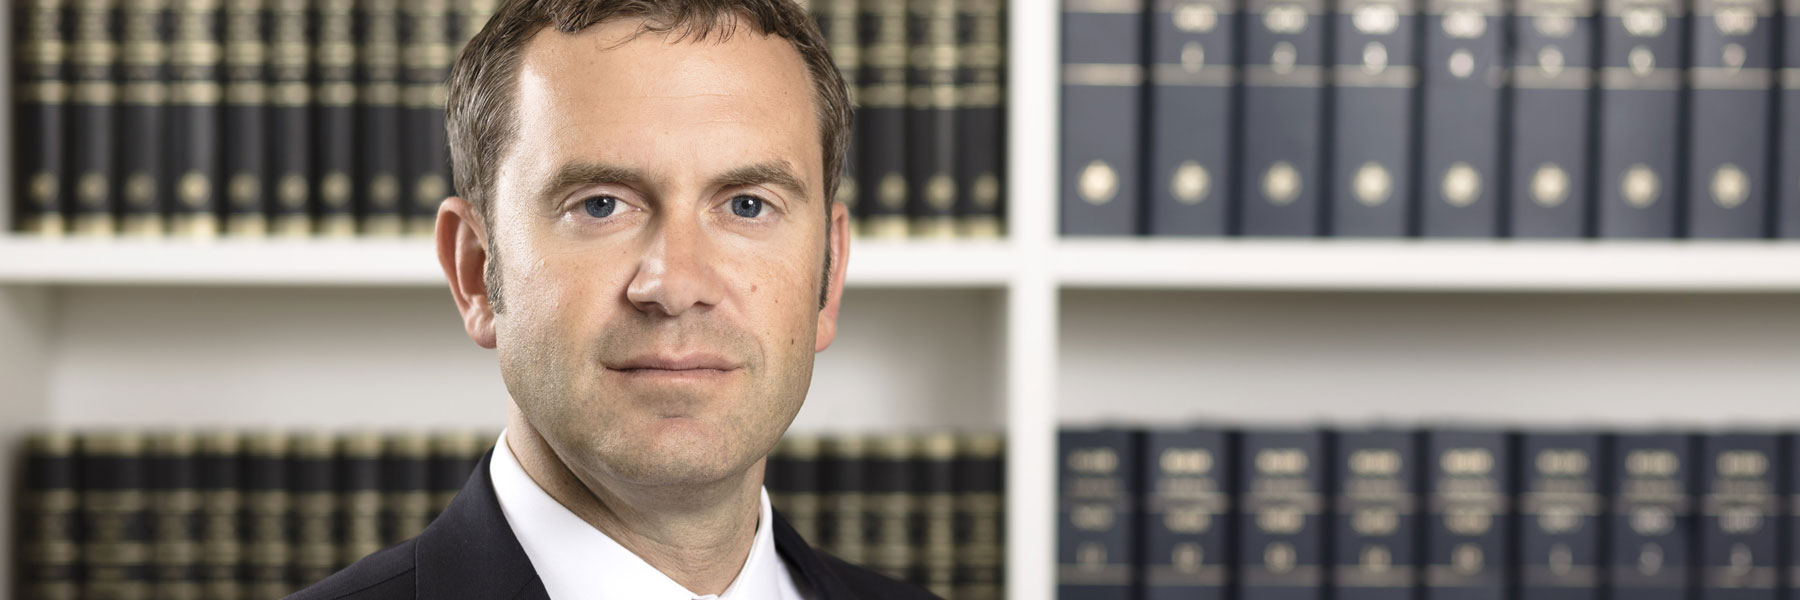 Prof Dr Björn Gercke Rechtsanwalt Und Fachanwalt Für Strafrecht